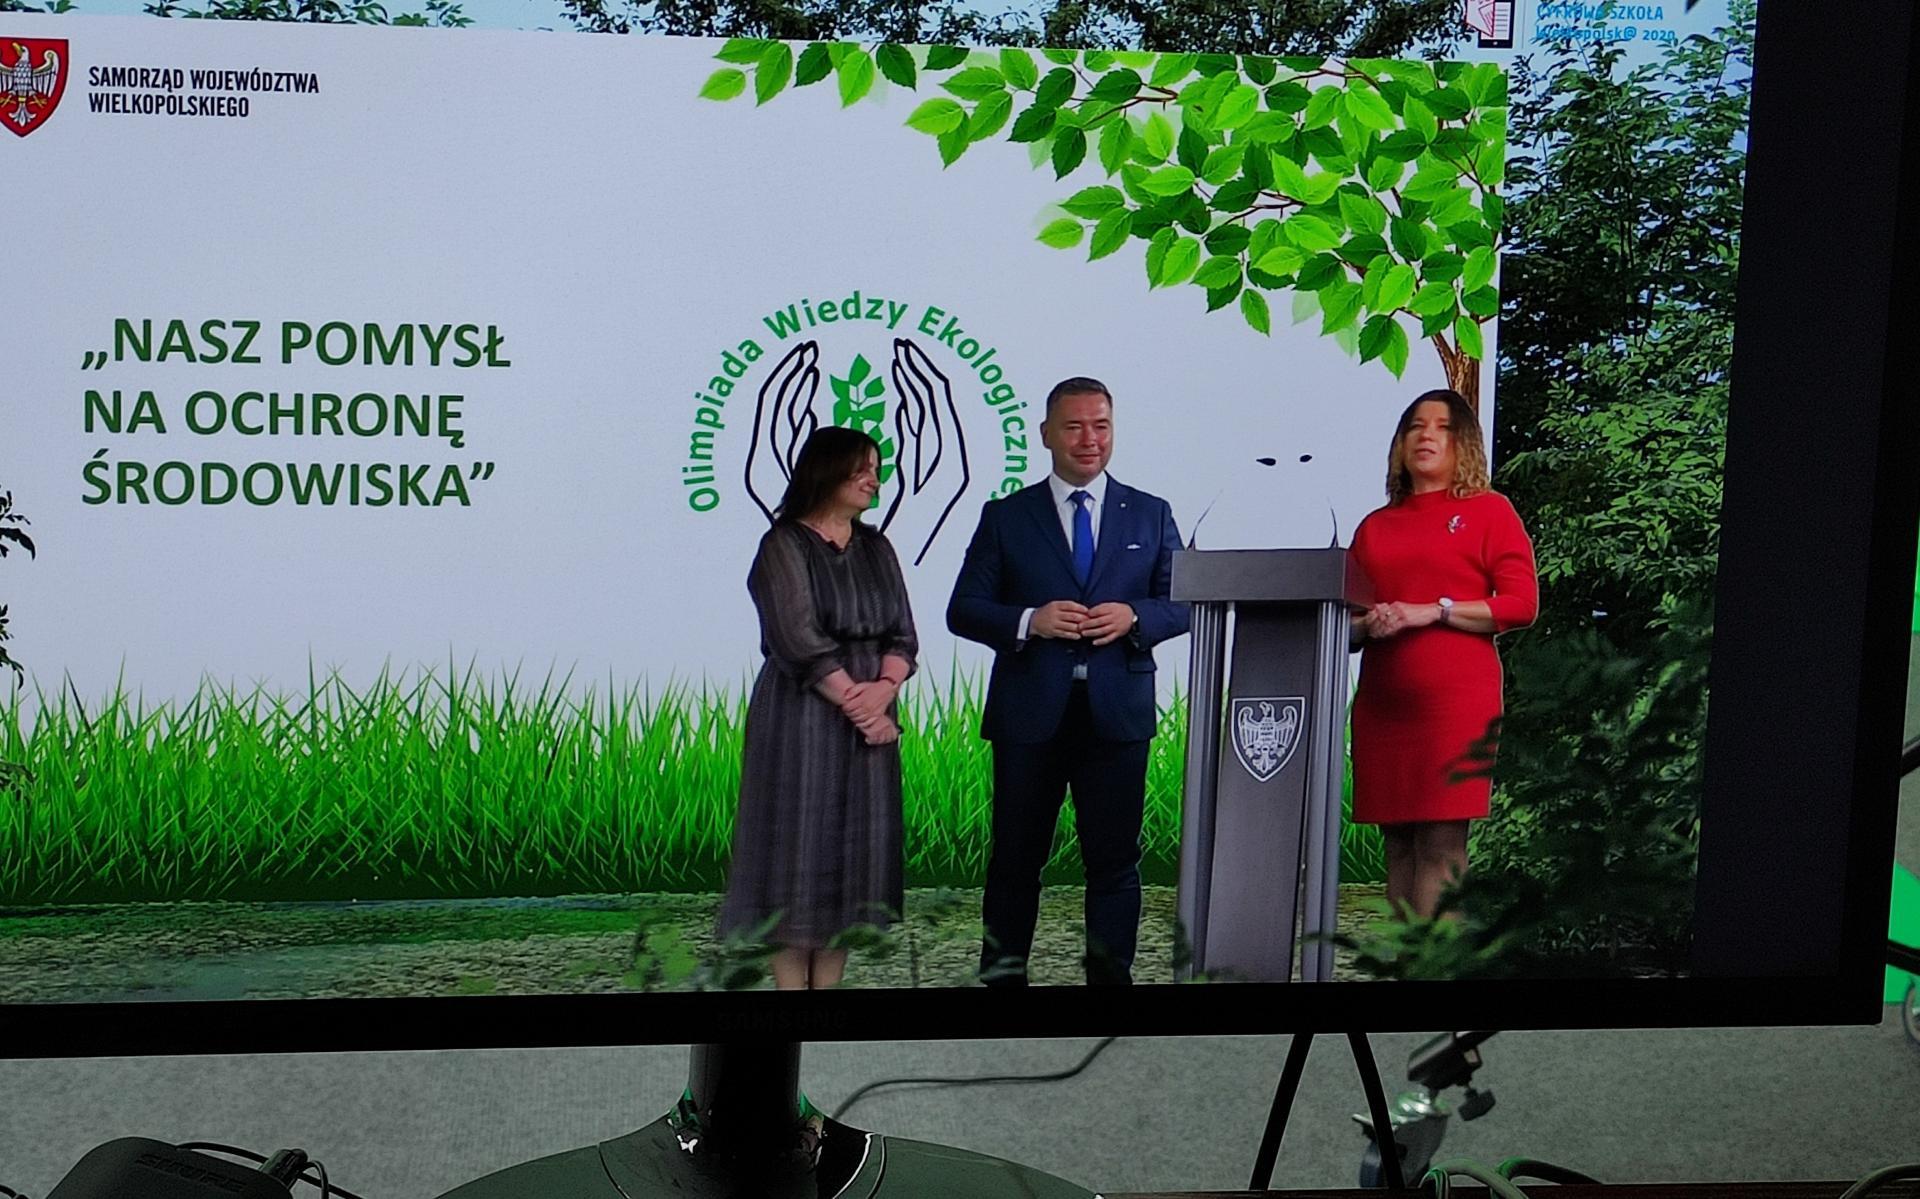 Uczniowie z wielkopolskich szkół nagrodzeni za wiedzę o ochronie środowiska - zobacz więcej